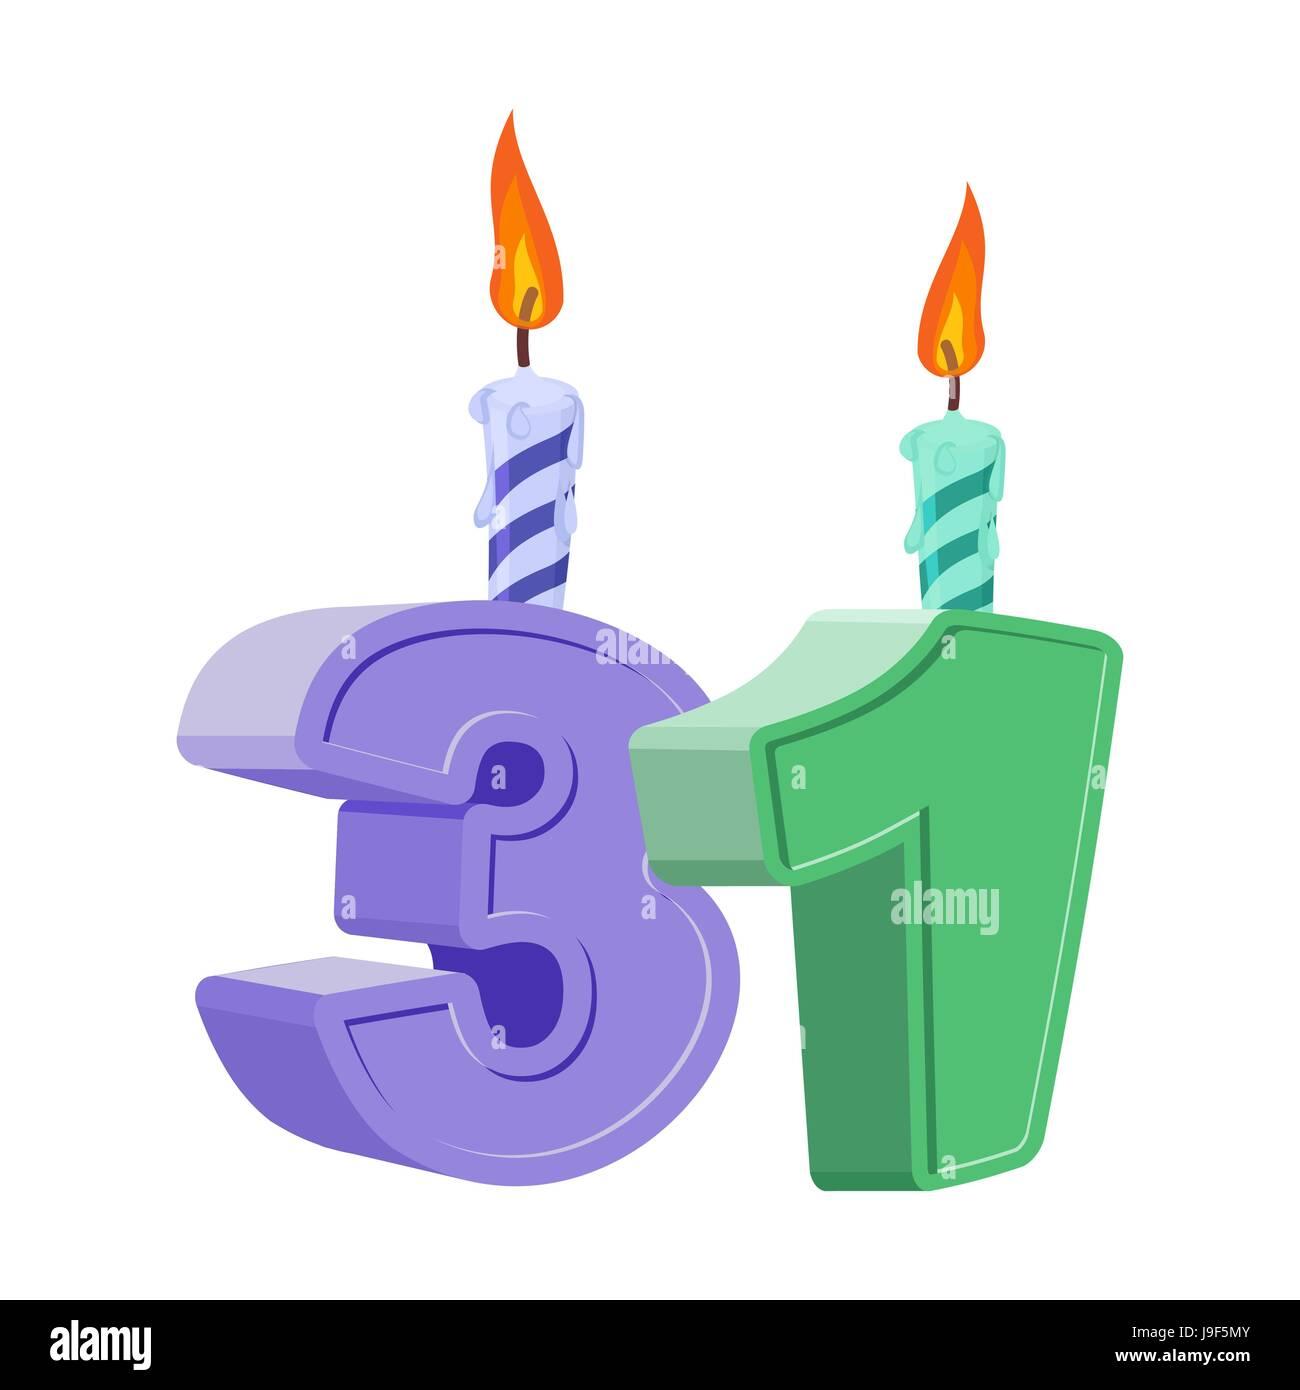 Happy Birthday Kuchen Die Frage Nach Dem Alter Passe